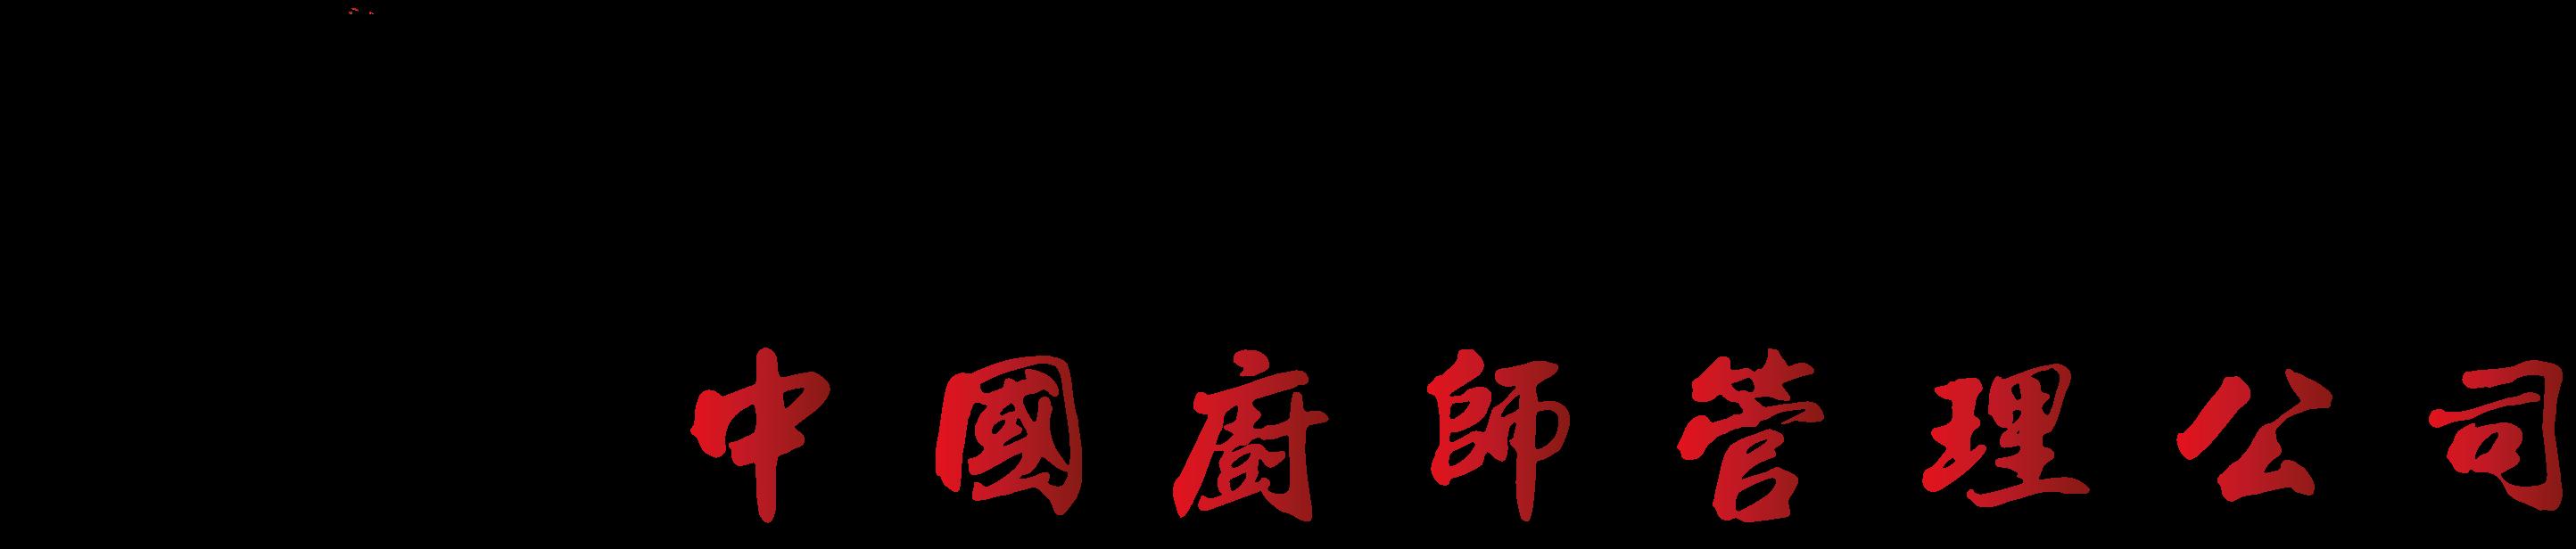 www.chinesekoks.nl